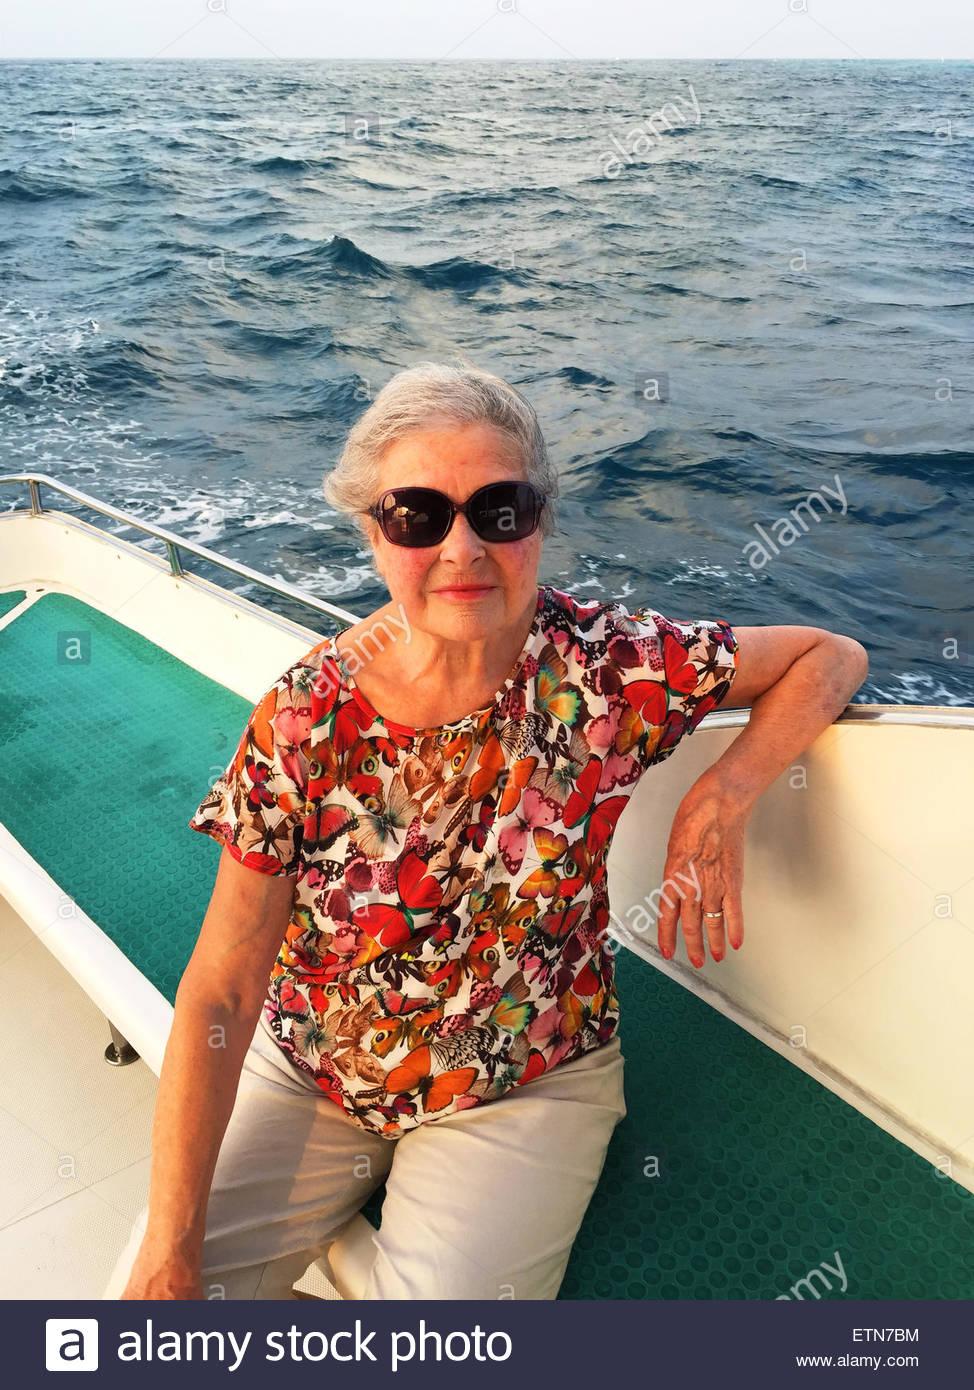 Retrato de una mujer mayor sentada en el barco, Maldivas Imagen De Stock